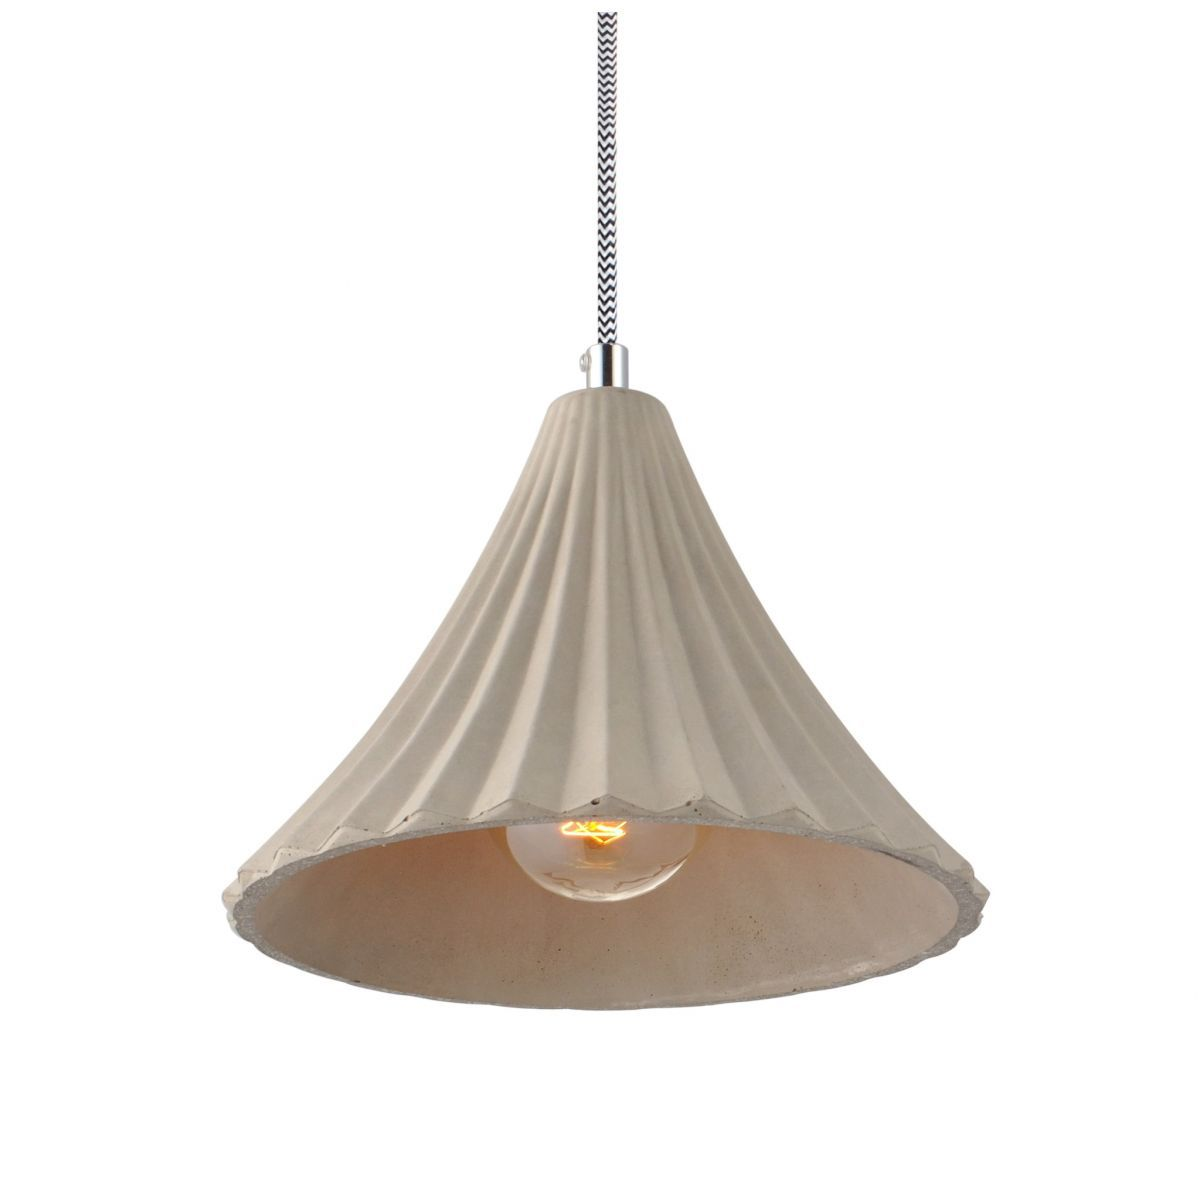 Luminária Pendente Concreto Cimento Design Texturizado Ref: Lt-360CC-B - Luxtek